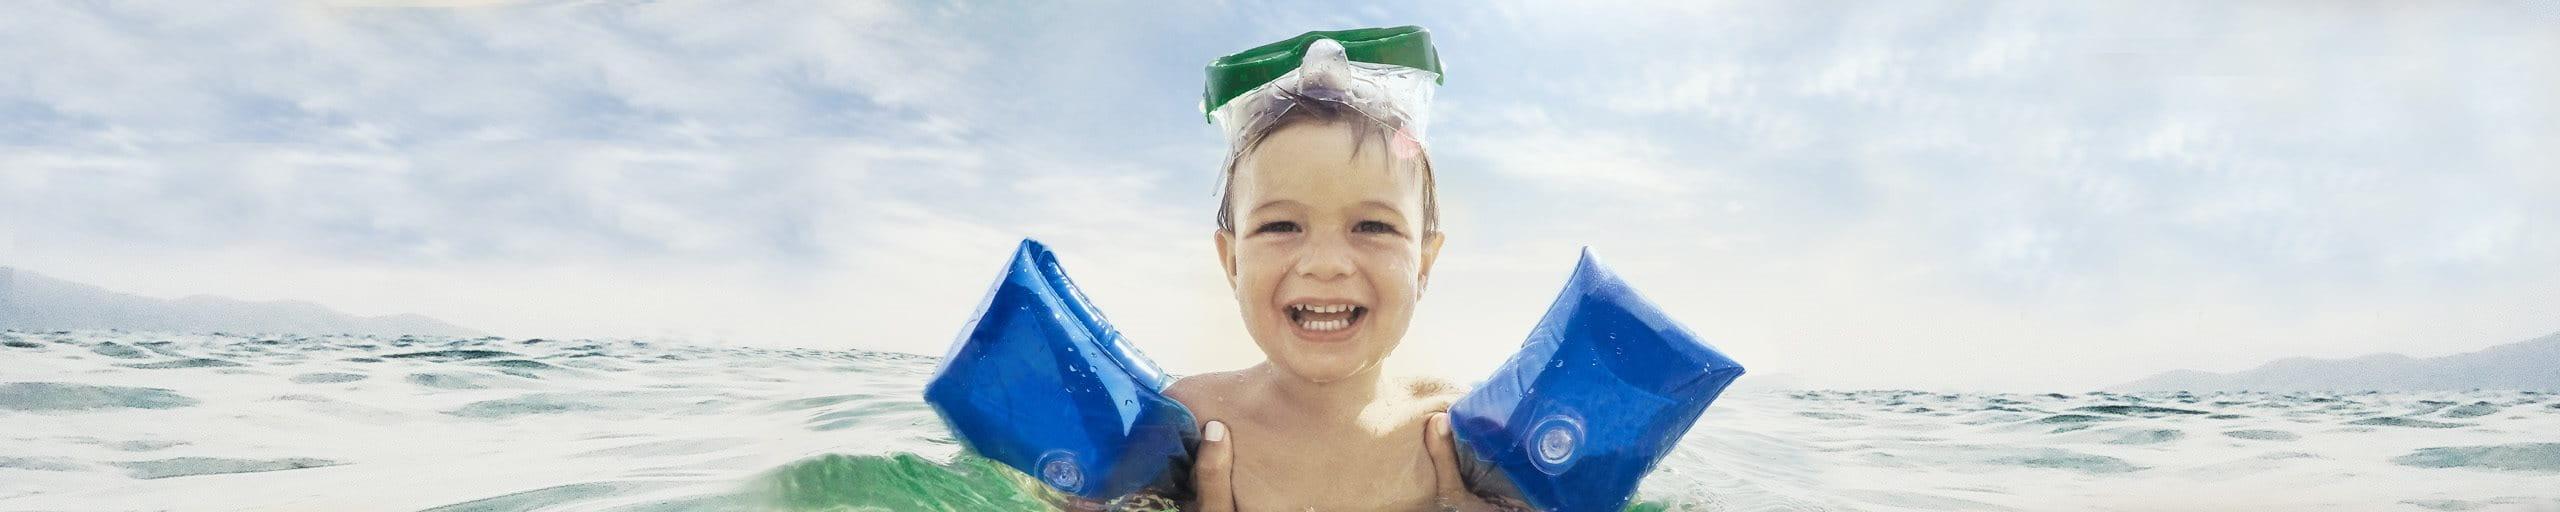 Un garçon avec des brassards patauge dans l'eau.